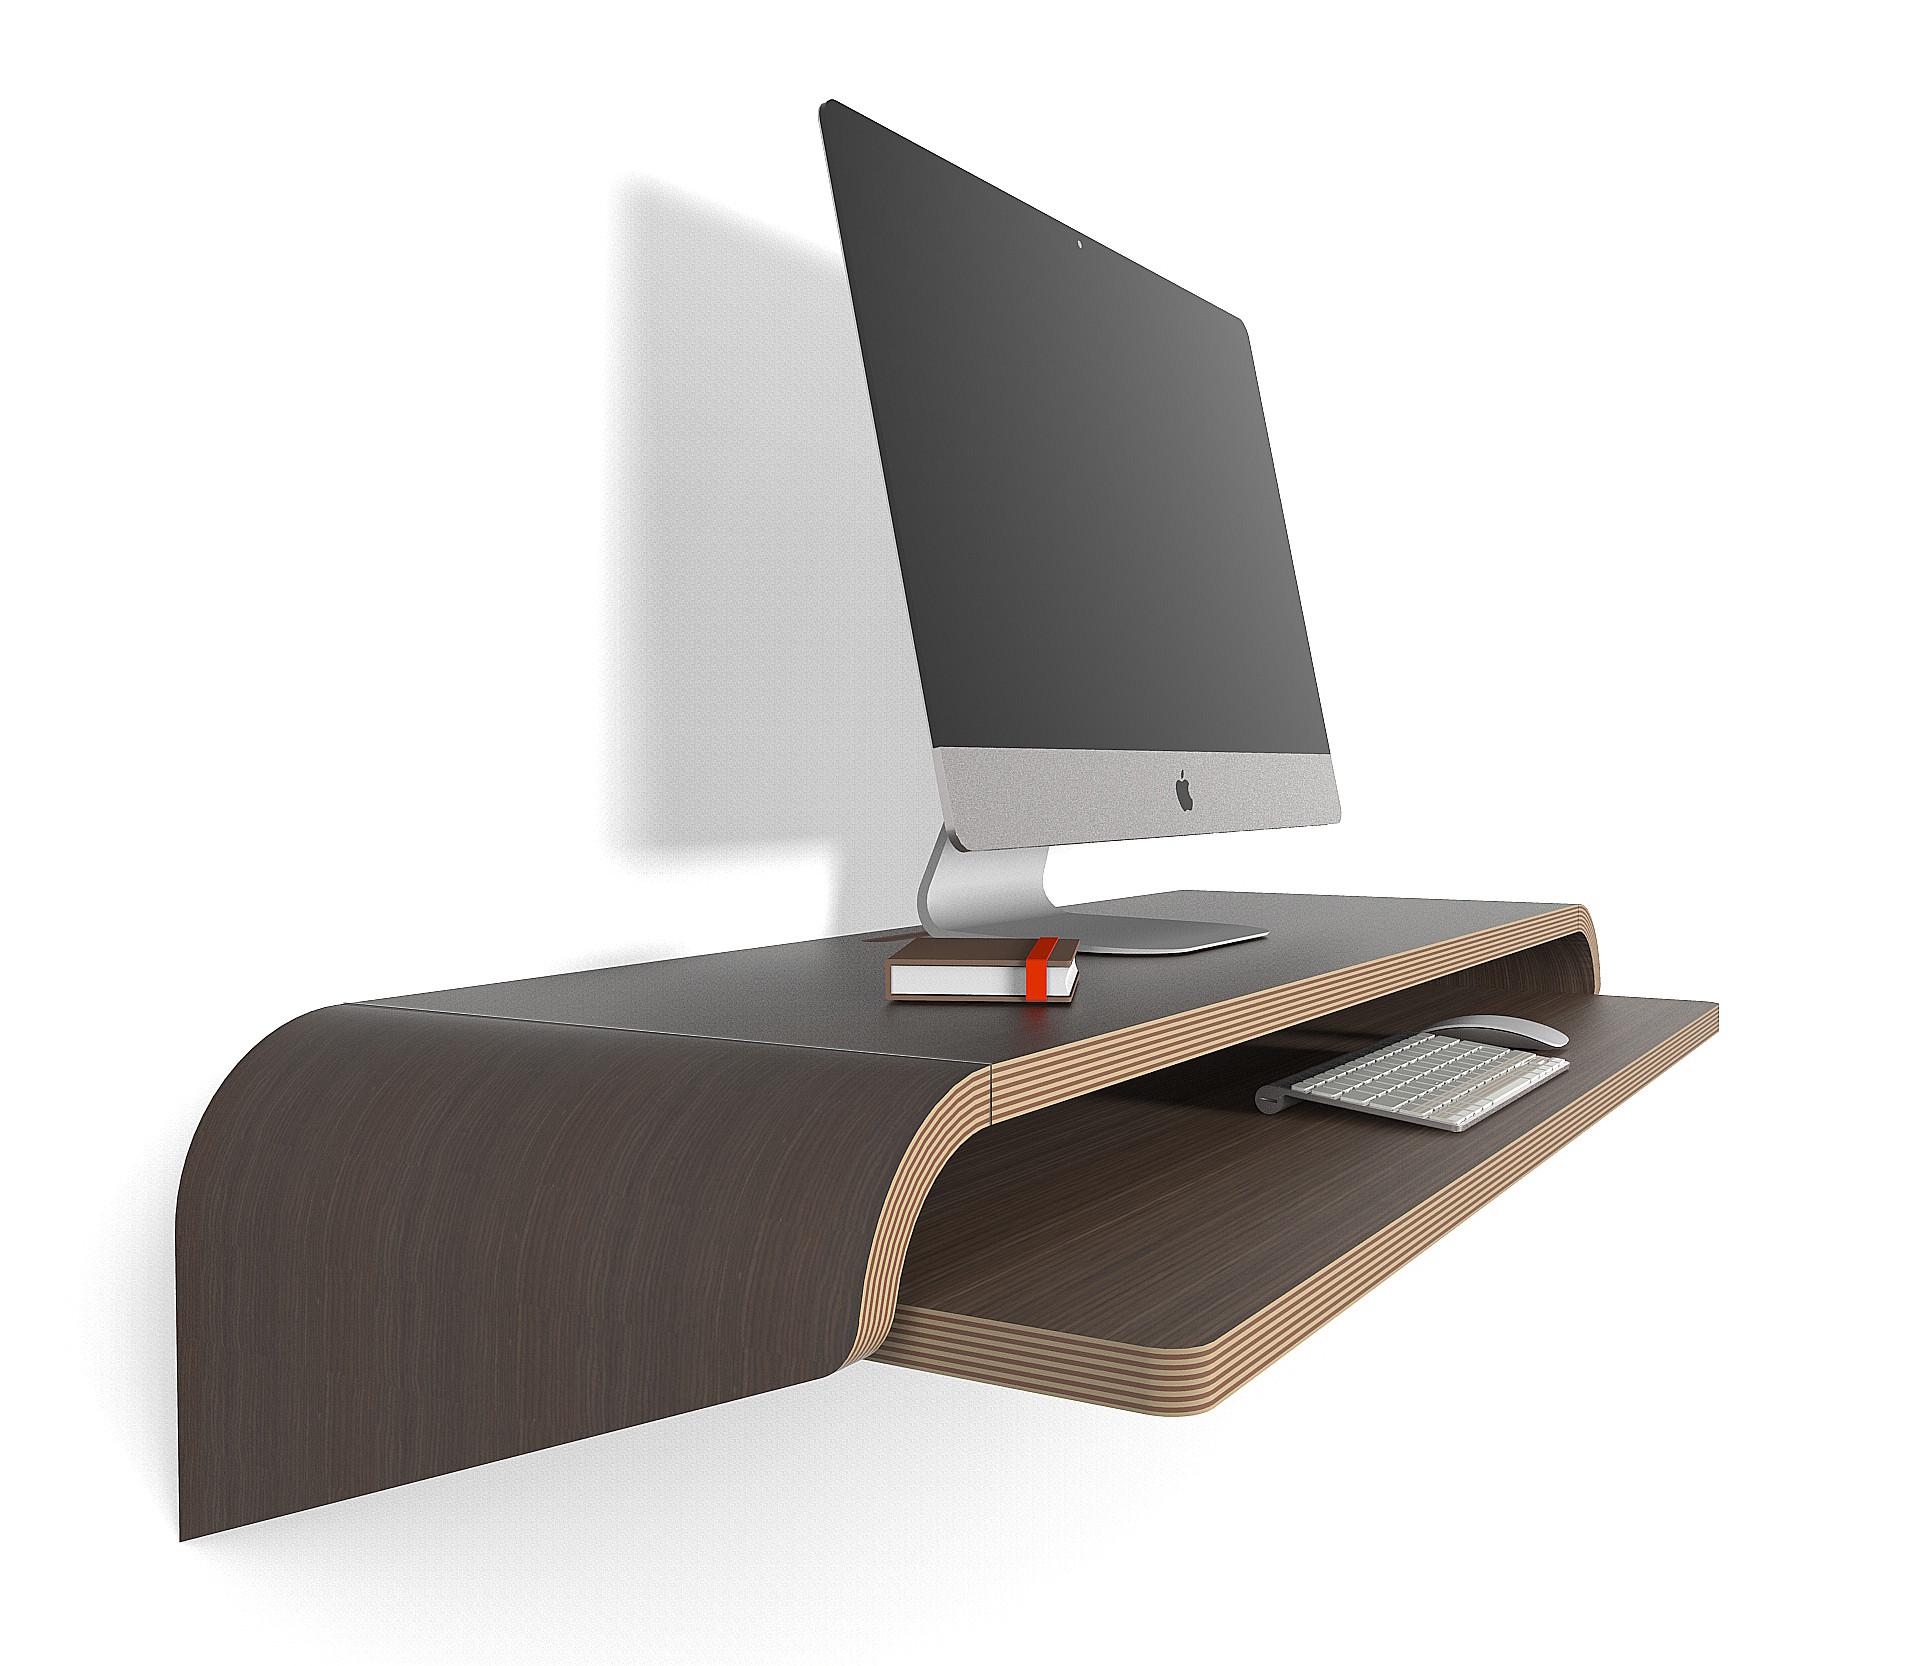 10 Cool Modern Unique Desks